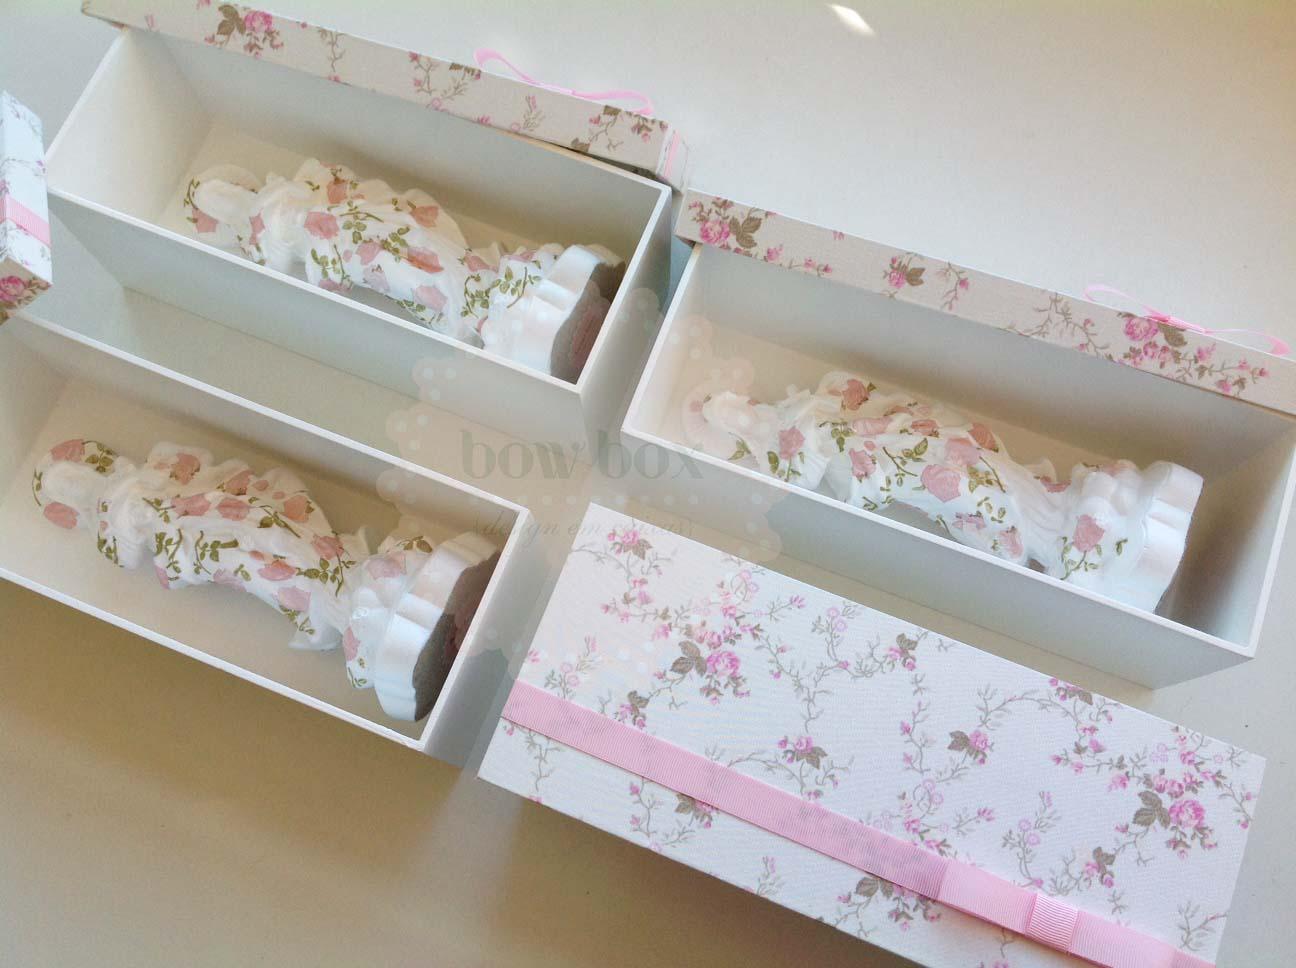 em estampa rosa nas caixas de madeira com a tampa revestida em tecido #816D4A 1296x968